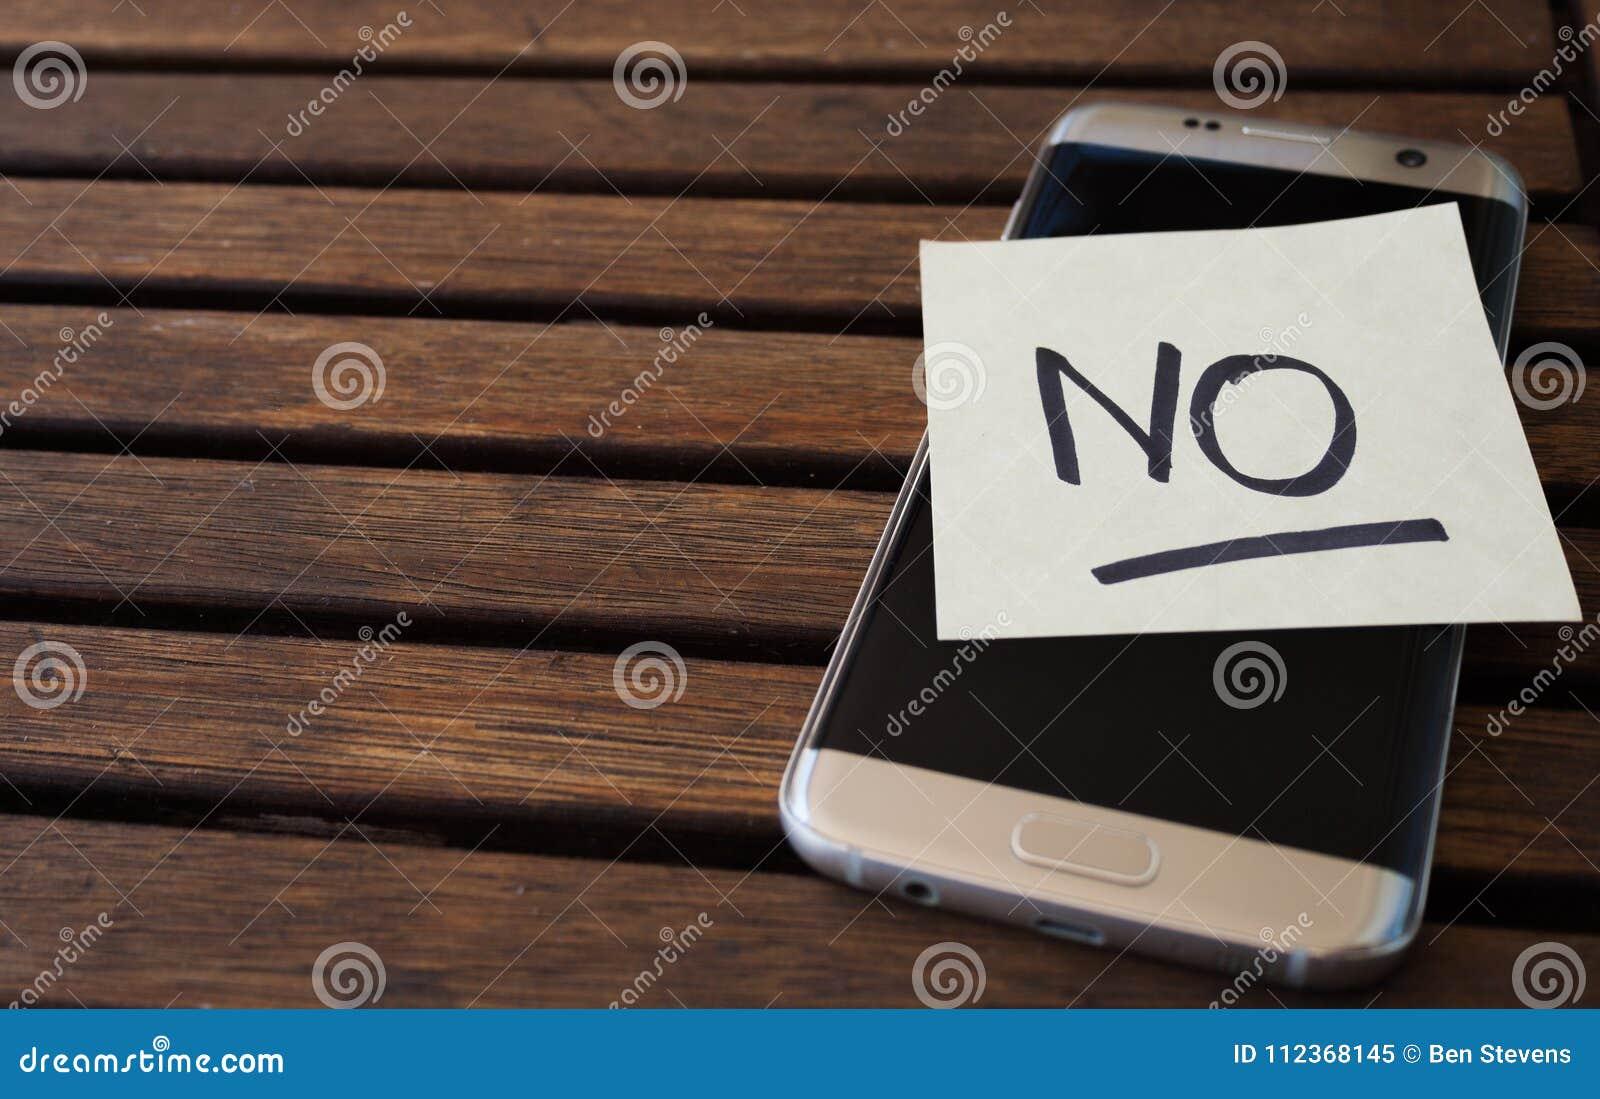 Nahaufnahme der Anmerkung über den Handy, der Benutzer erinnert, einen Rest zu haben